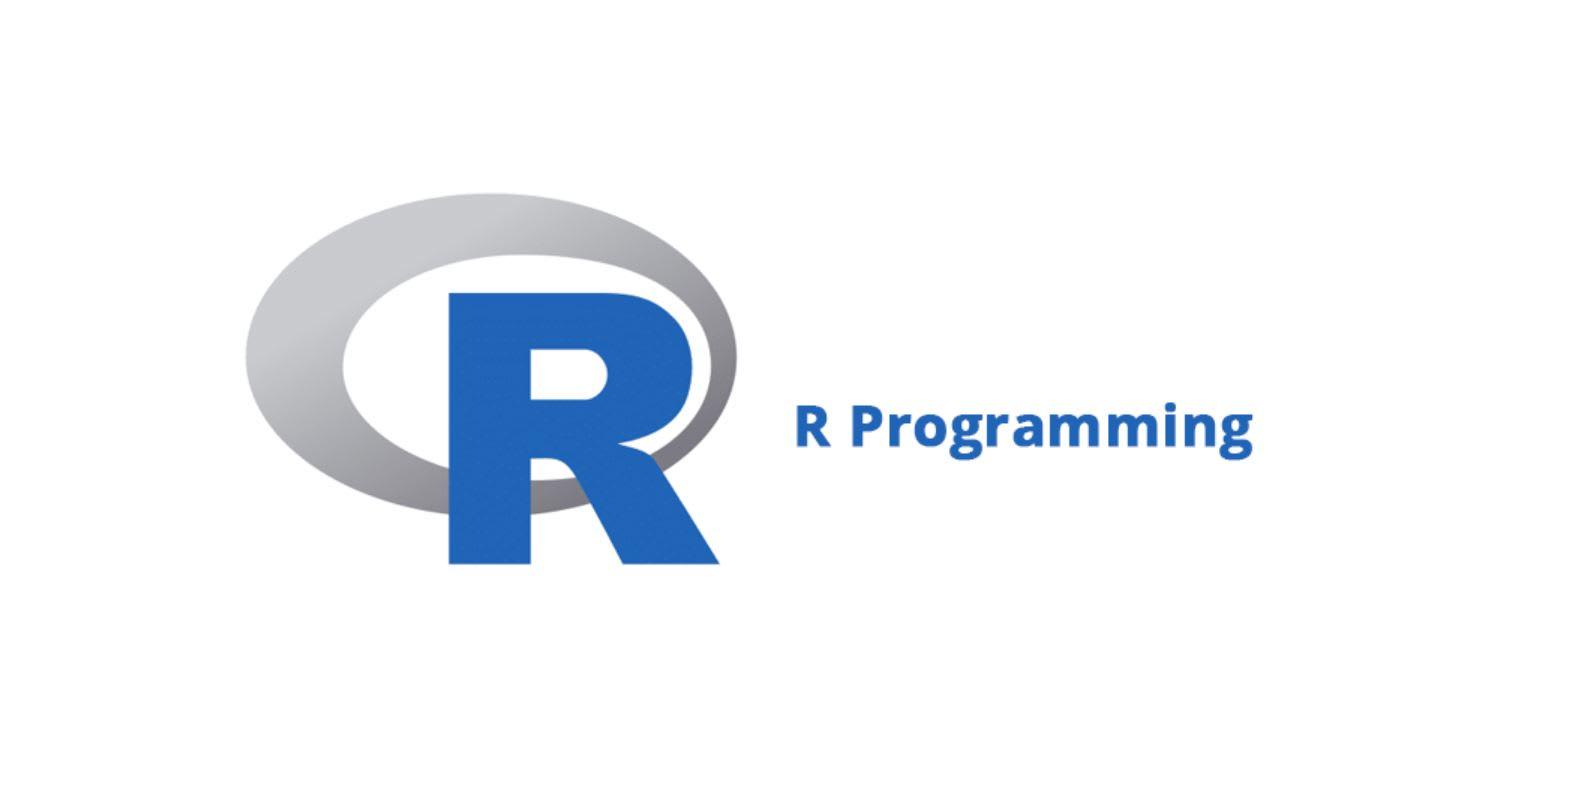 لغة البرمجة R